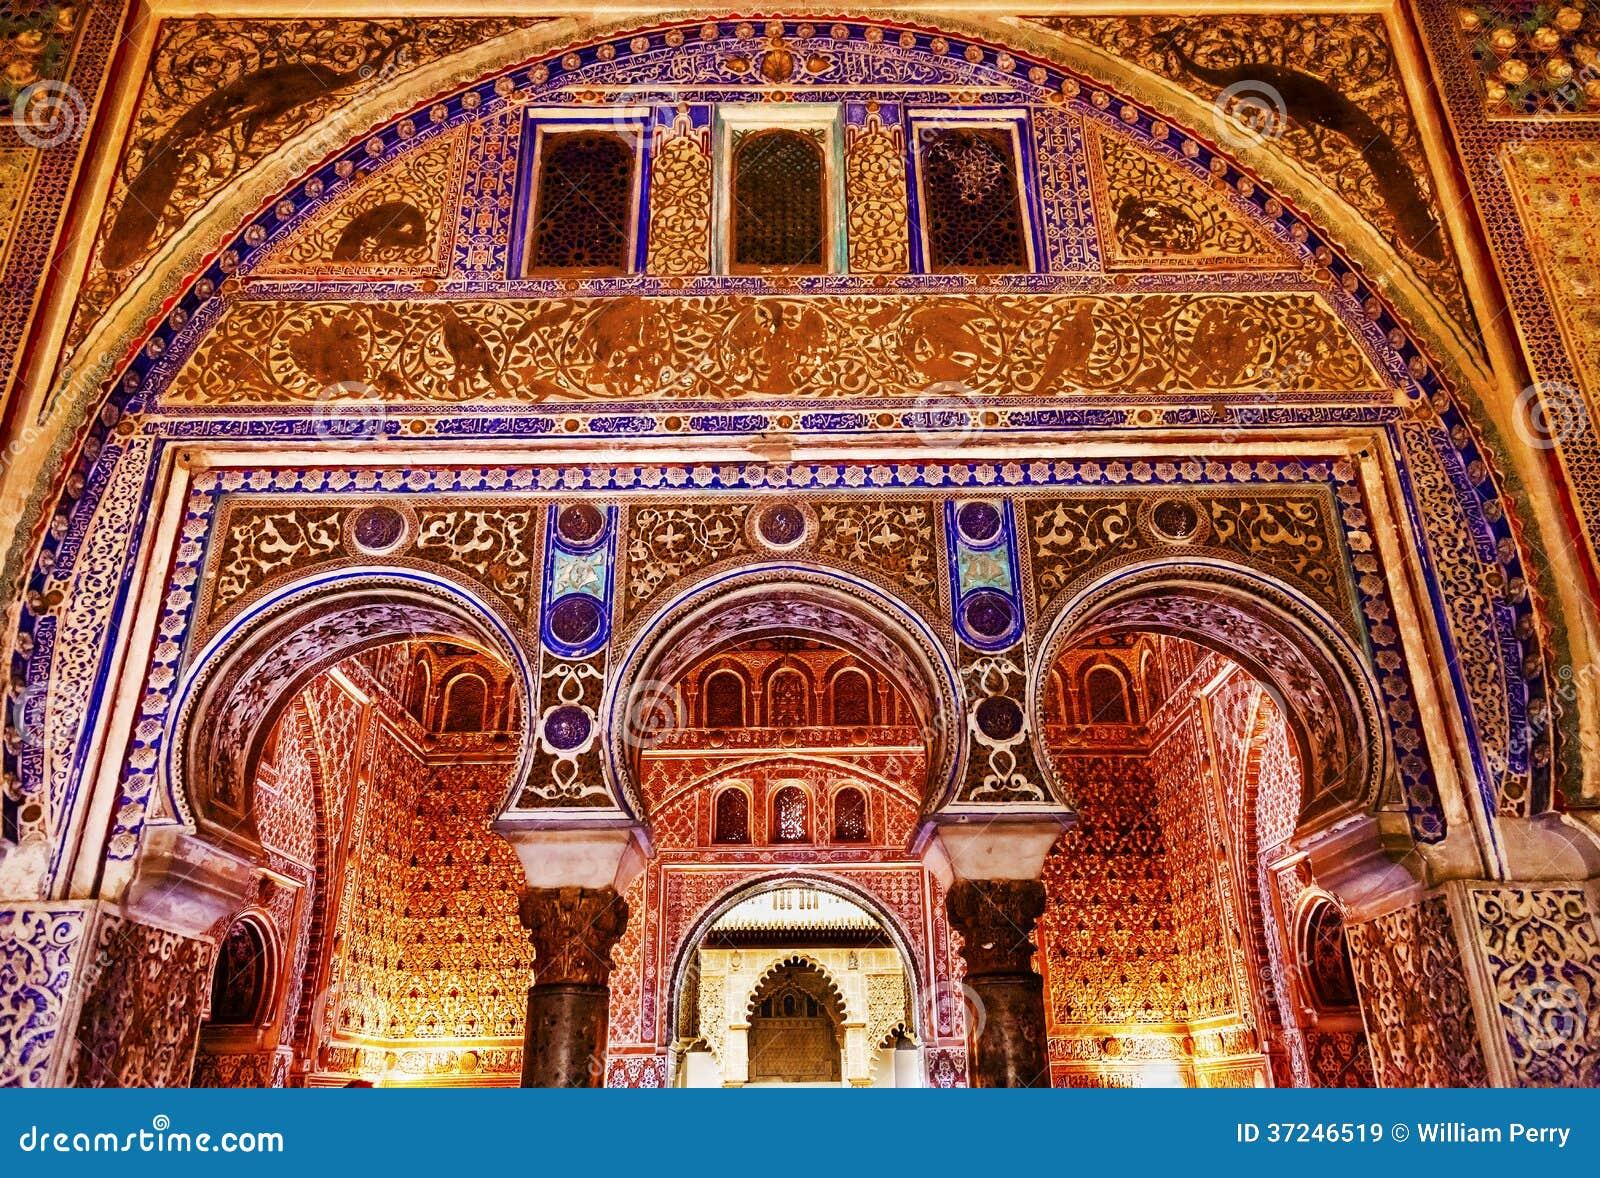 Horseshoe Arches Ambassador Room Alcazar Royal Palace Seville Royalty Free Stock Images Image